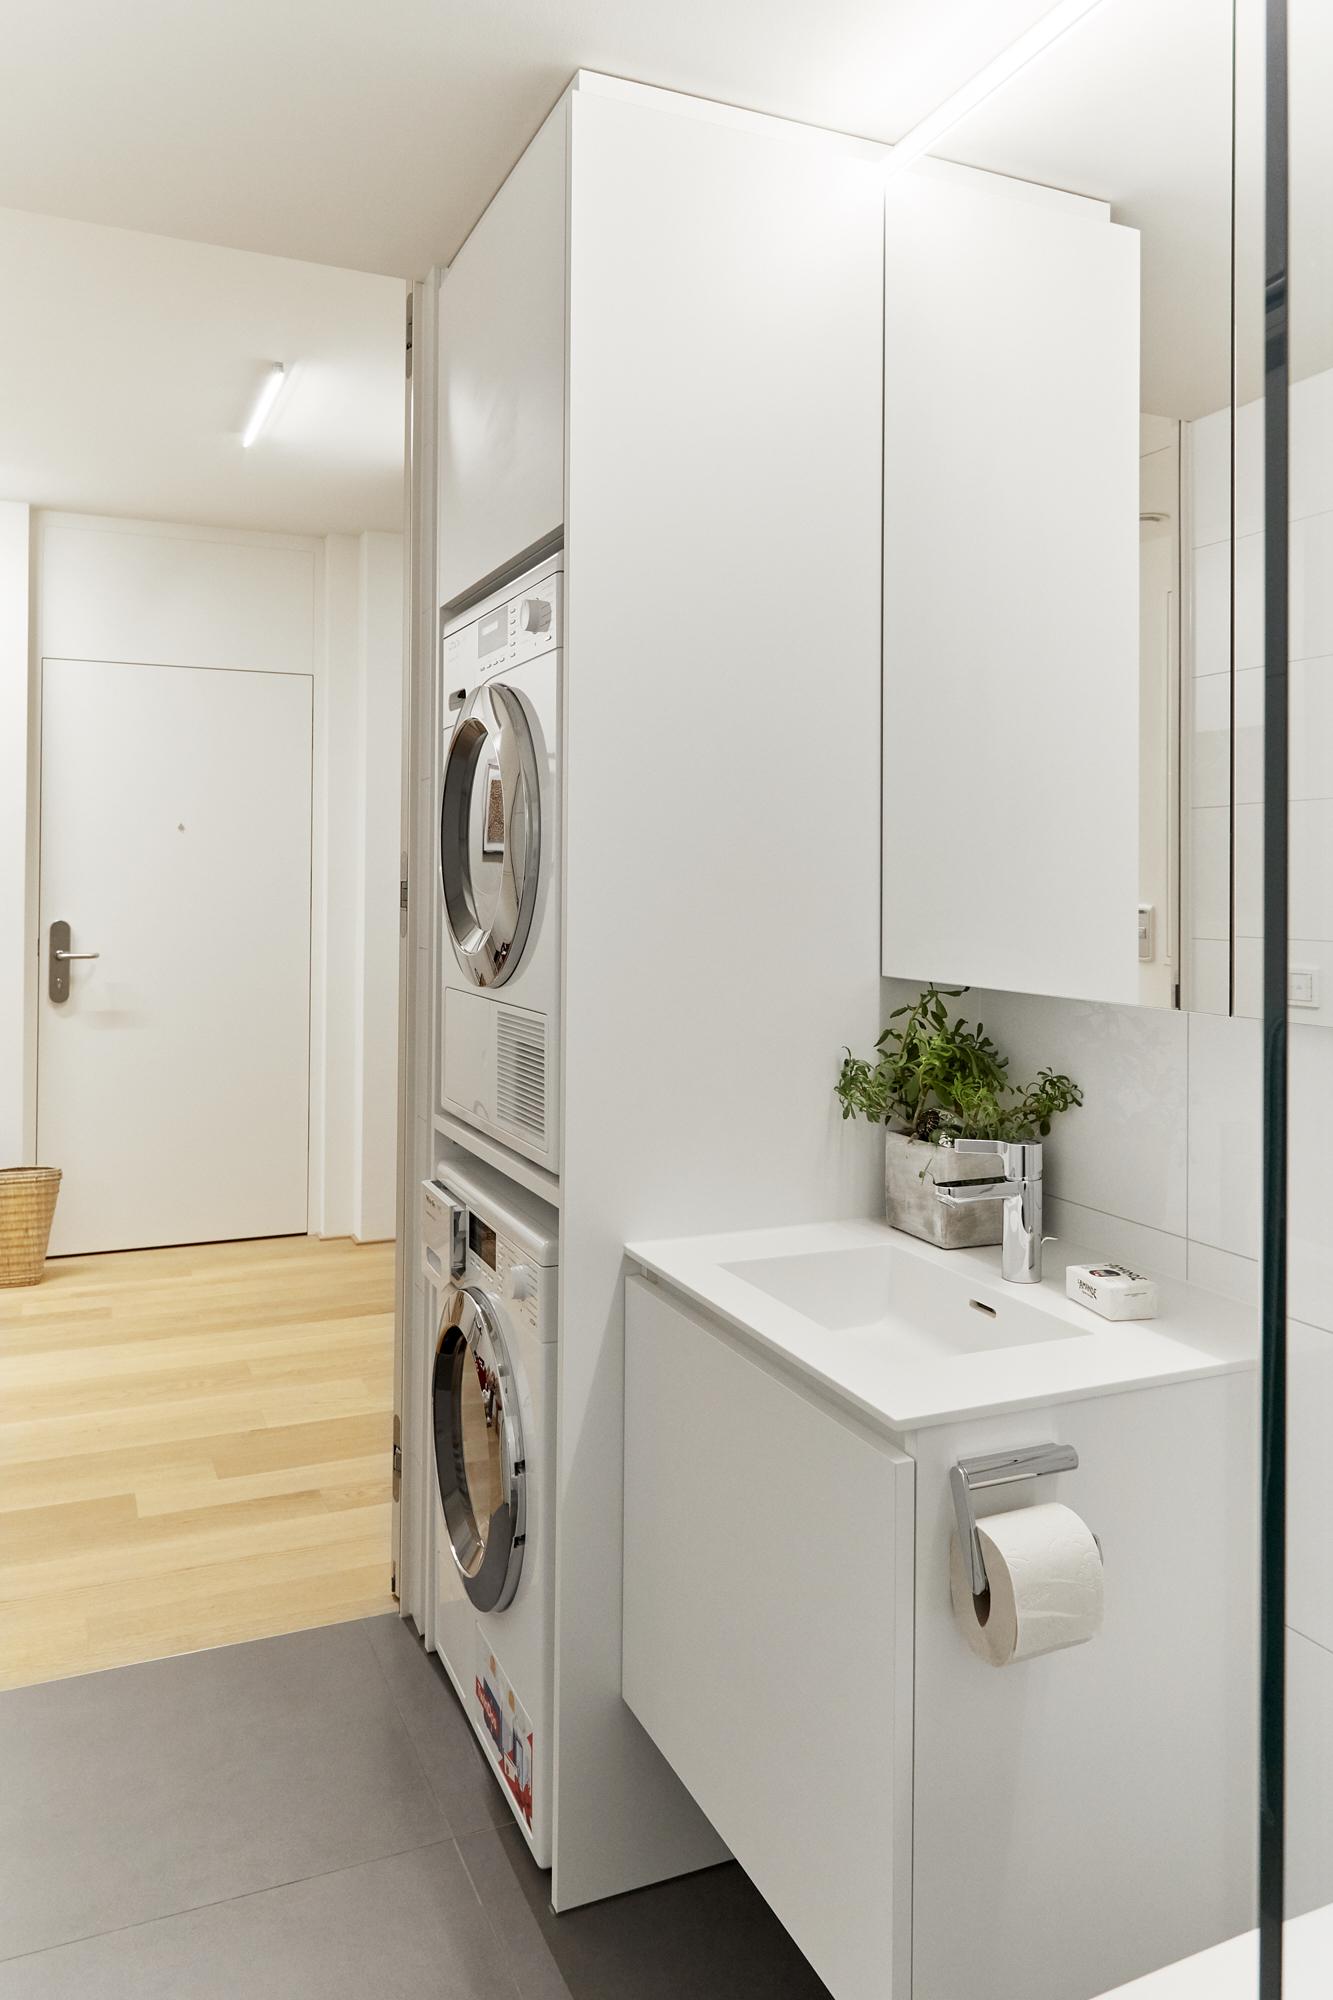 Waschmaschine eingebaut